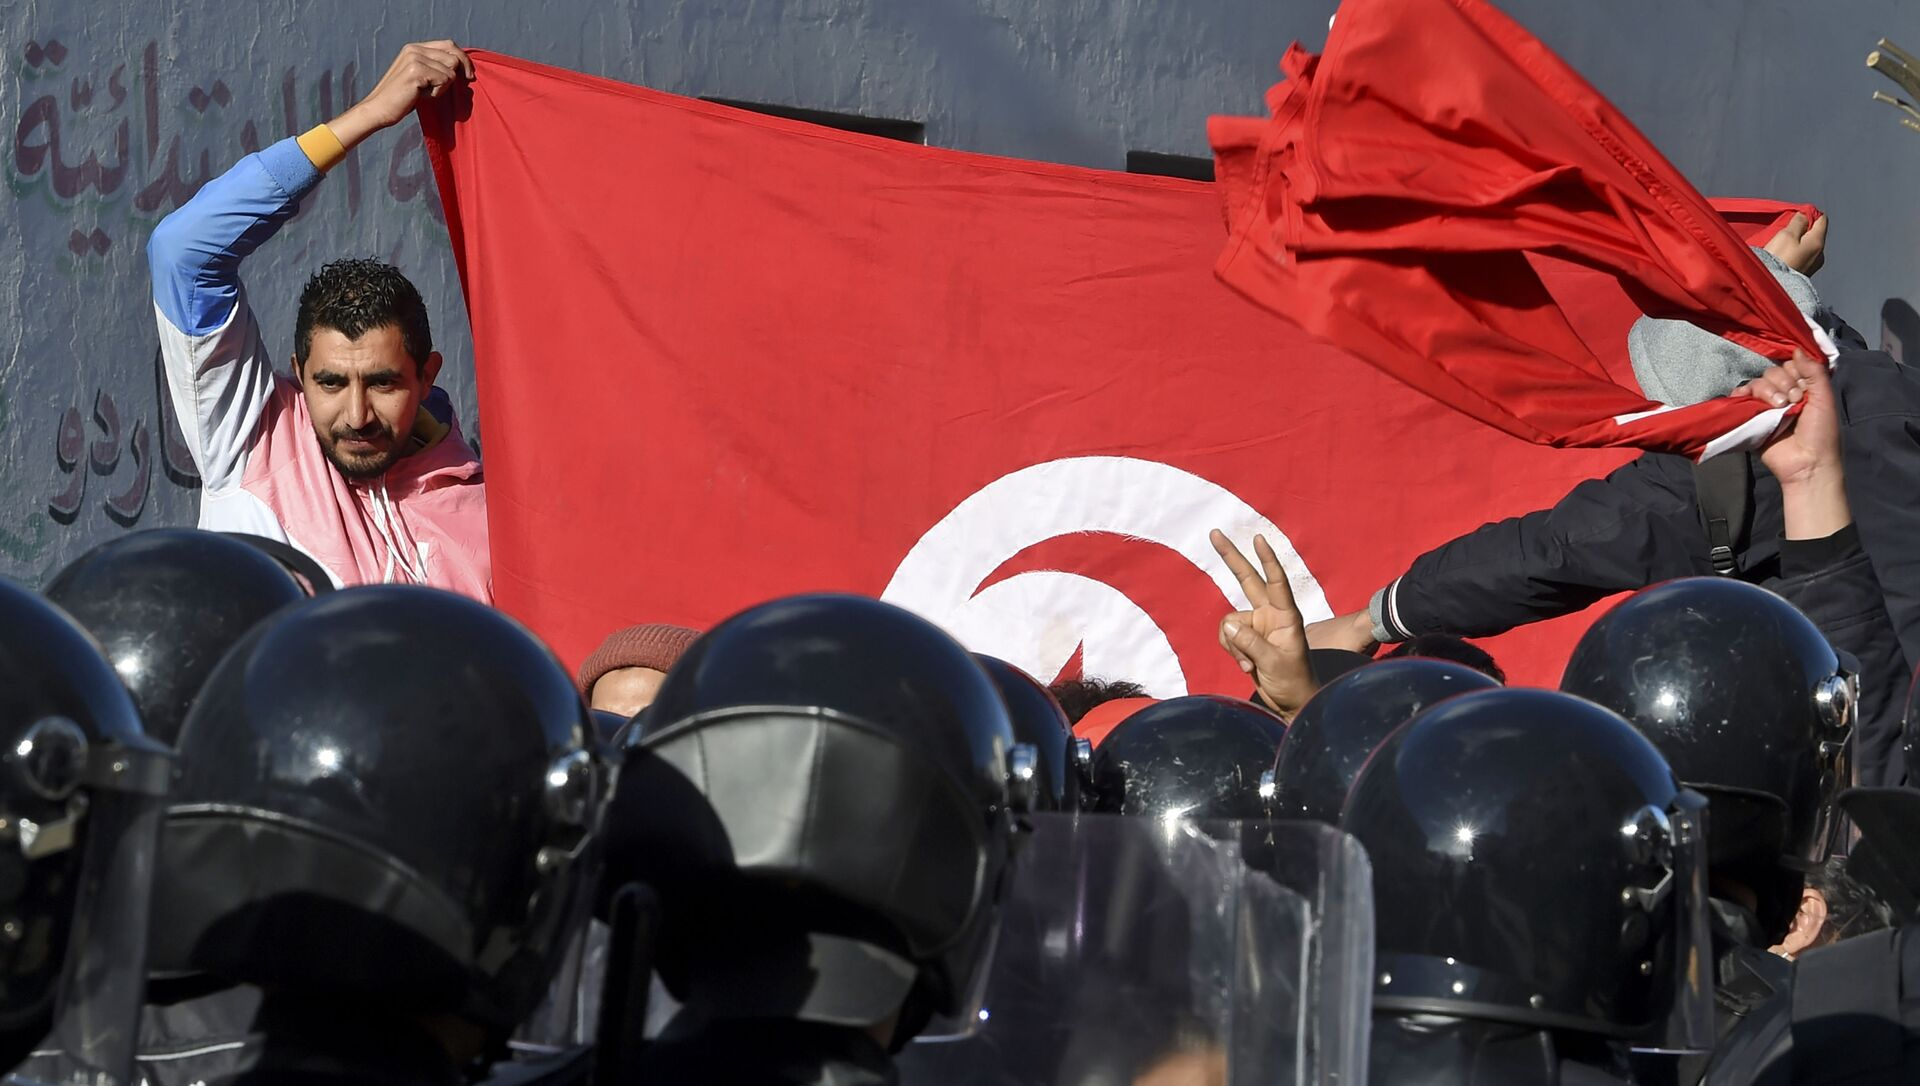 Des manifestants en Tunisie - Sputnik France, 1920, 05.02.2021